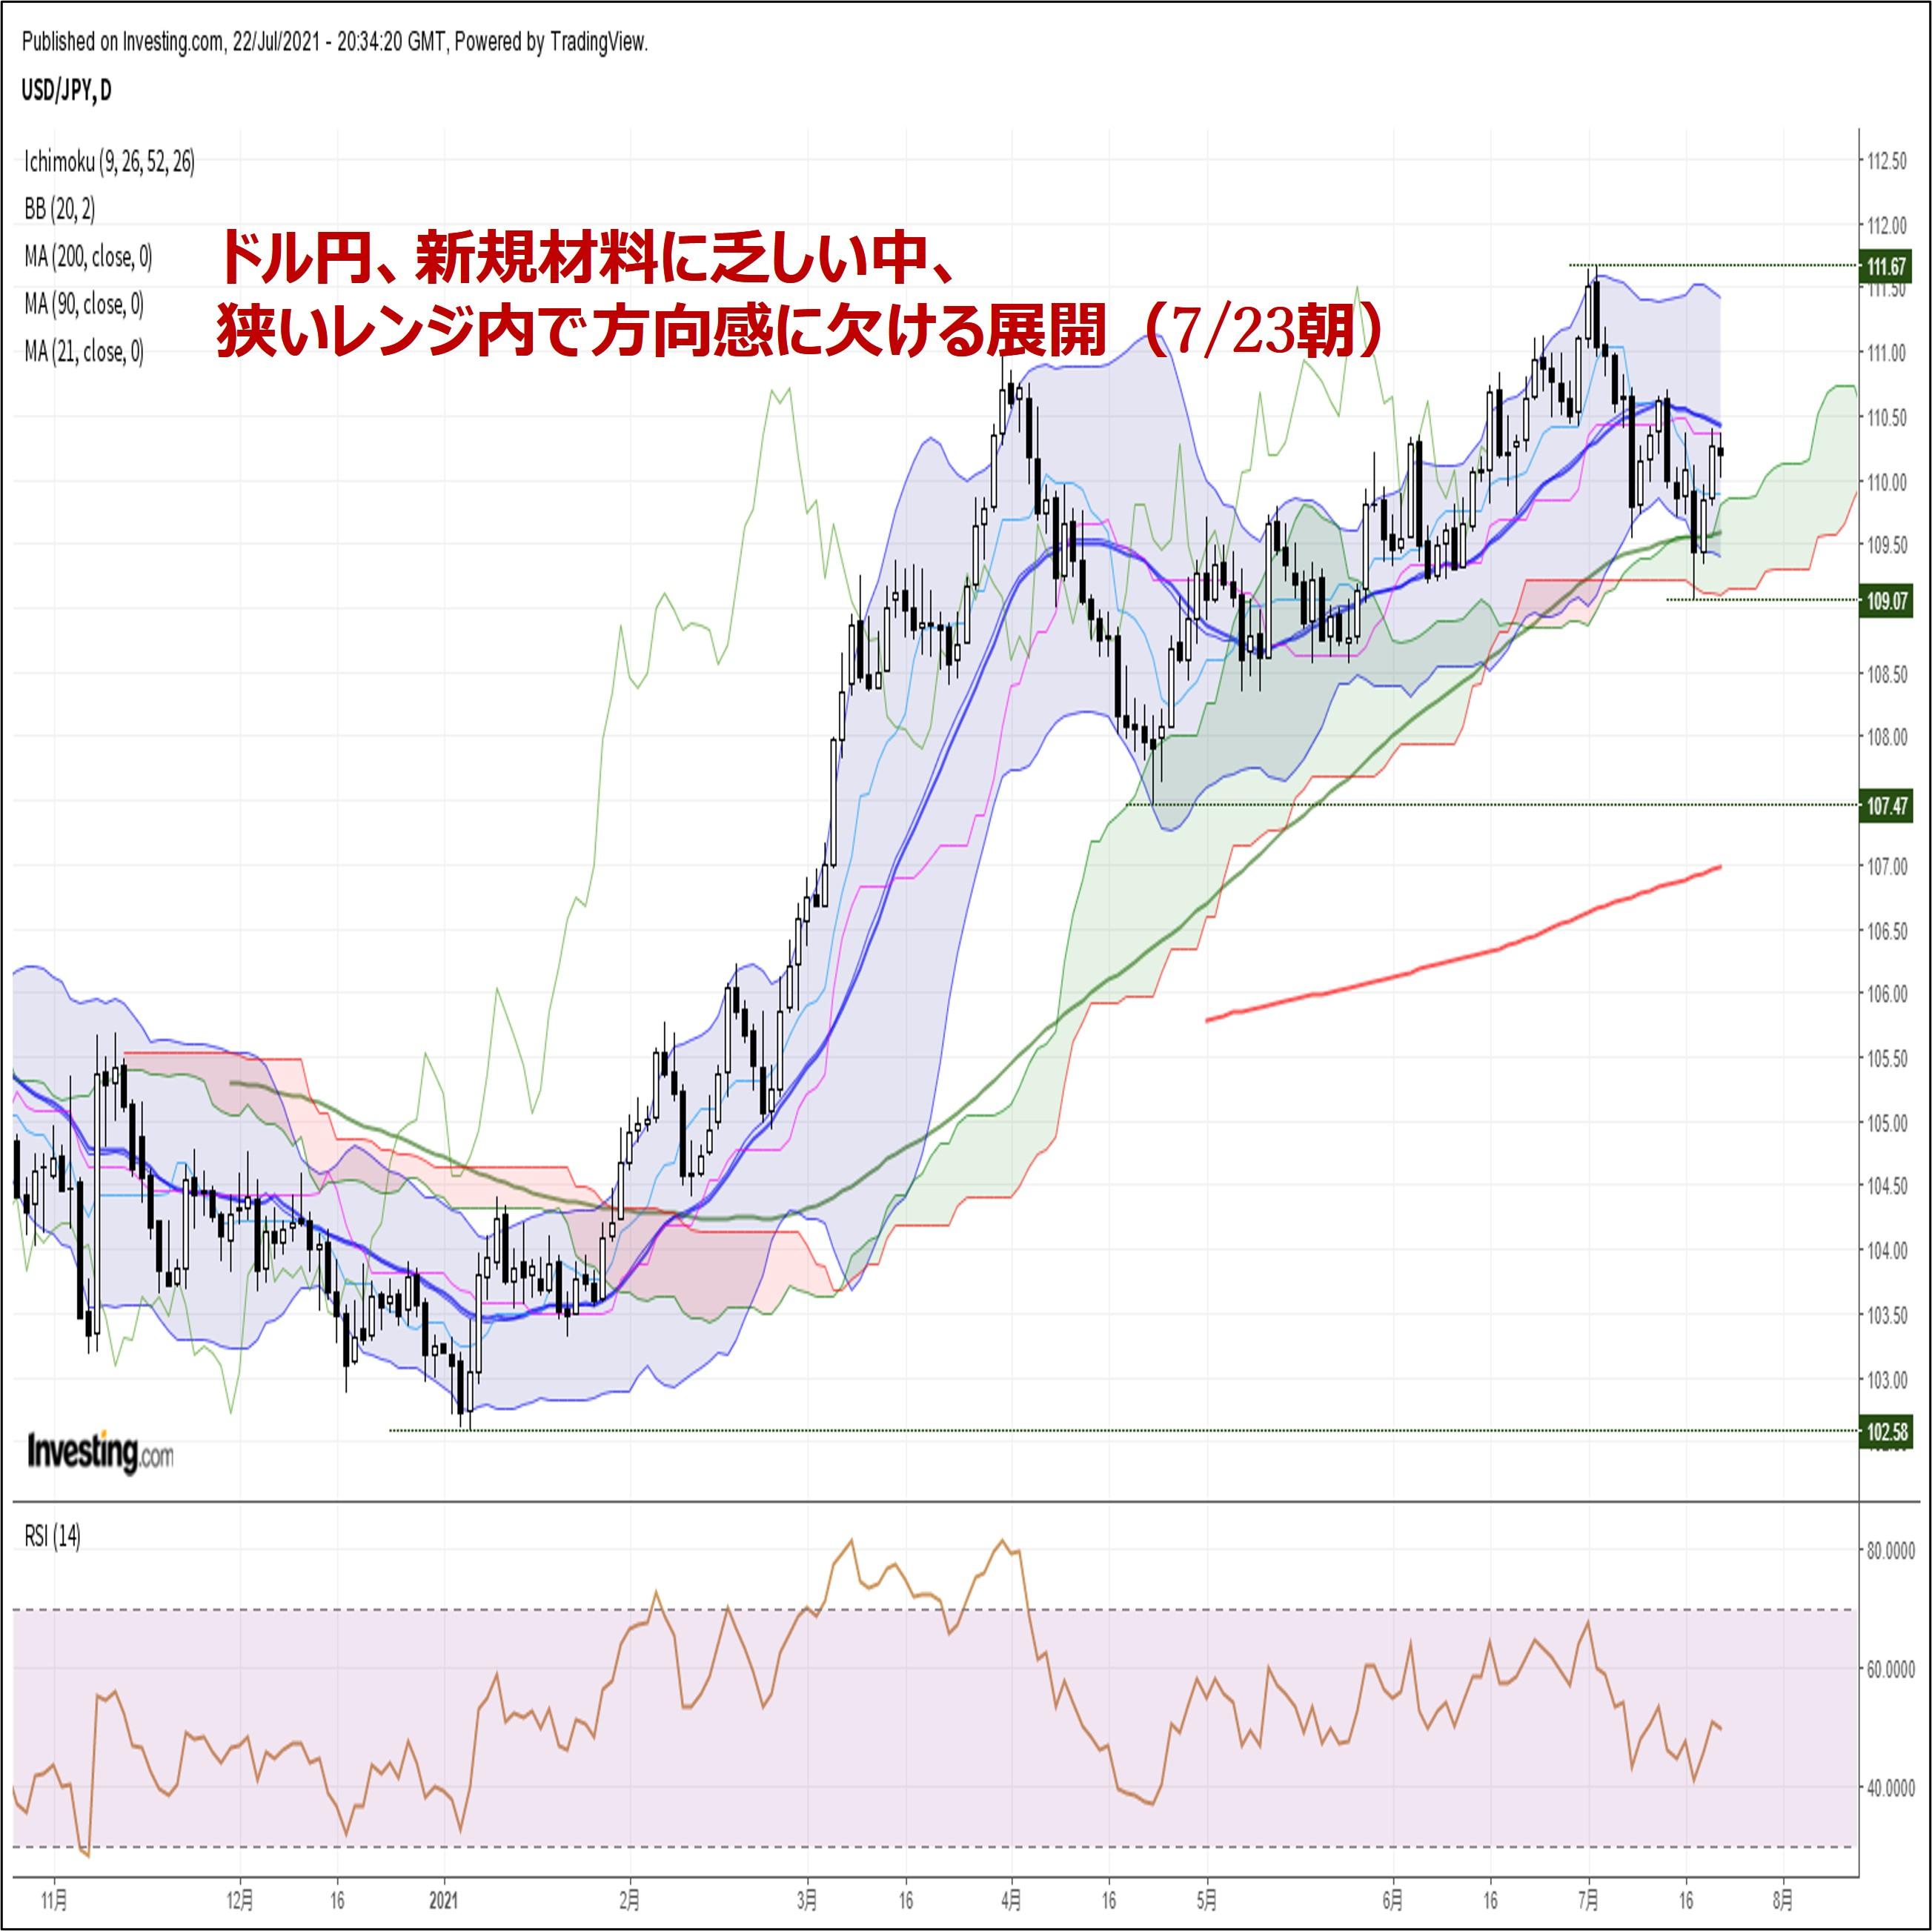 ドル円、新規材料に乏しい中、狭いレンジ内で方向感に欠ける展開(7/23朝)